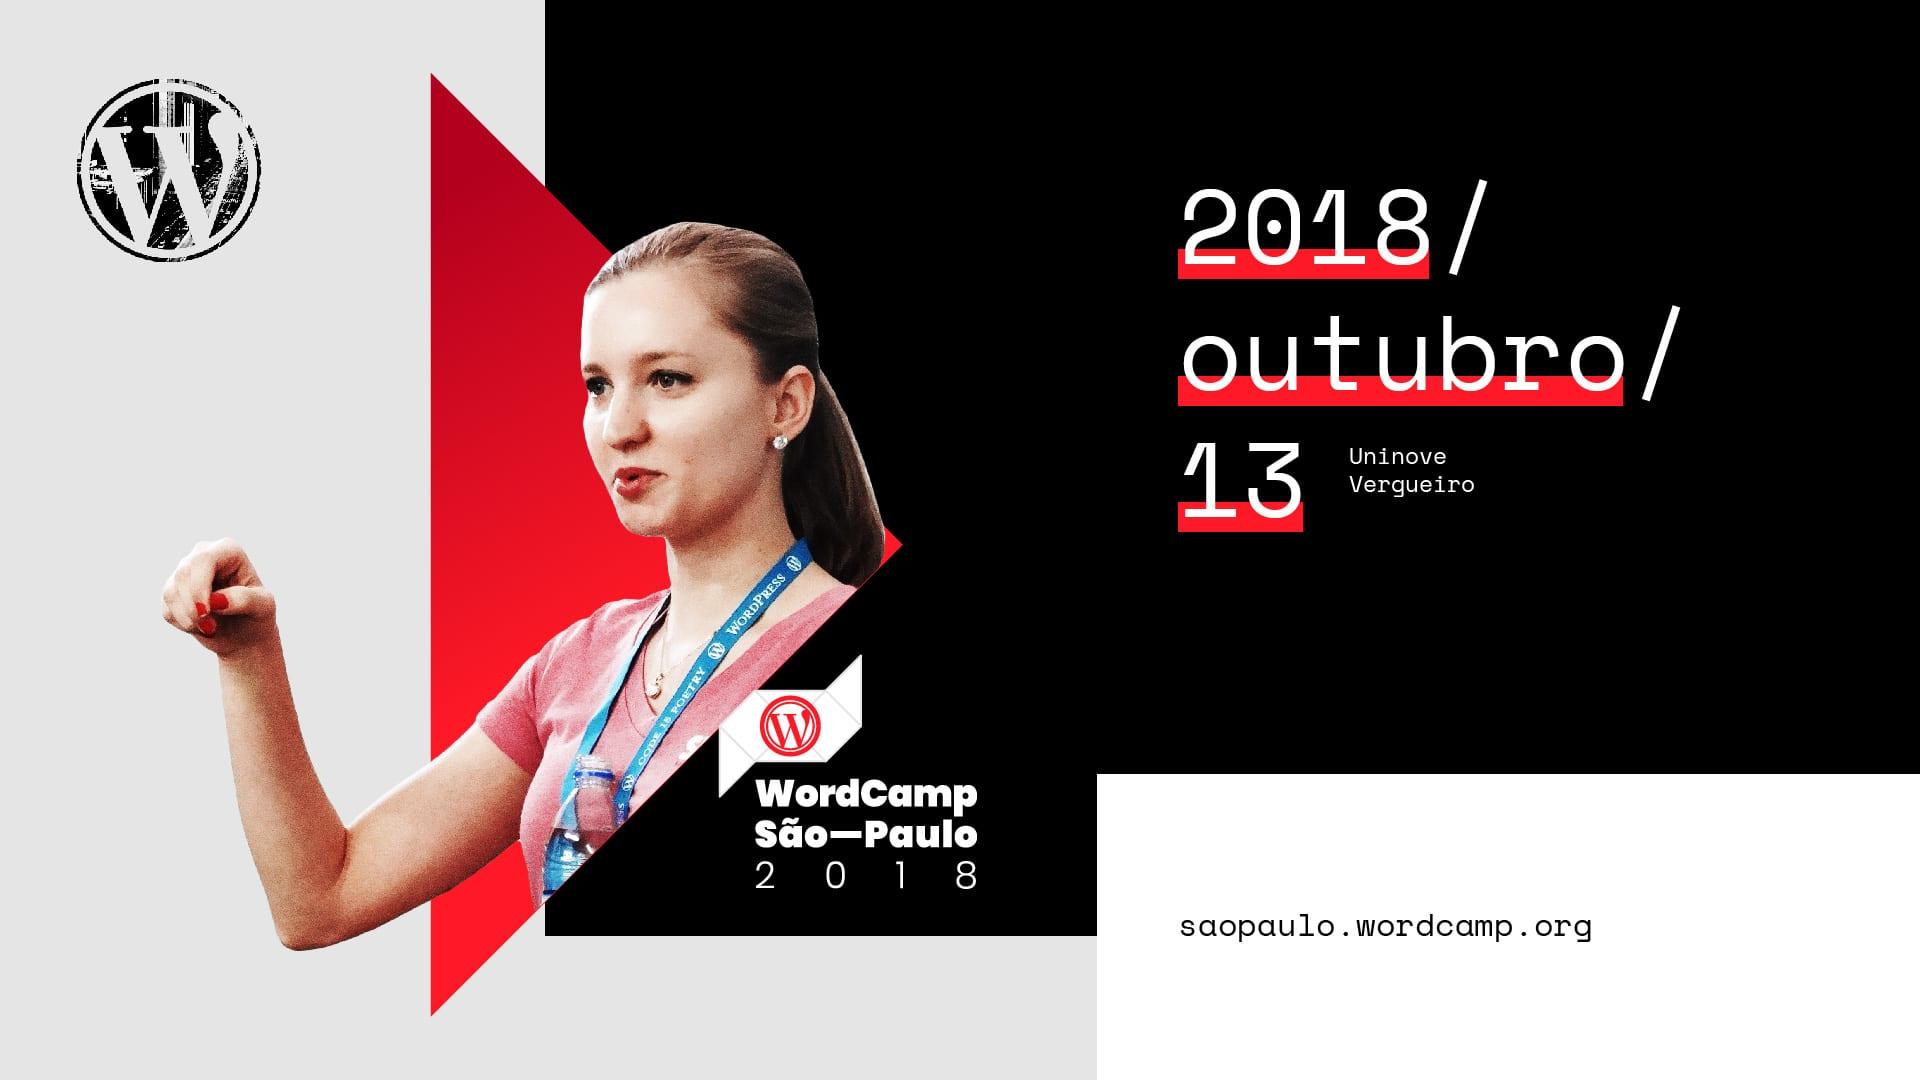 WordCamp São Paulo 2018, dia 13 de Outubro na UNINOVE Vergueiro